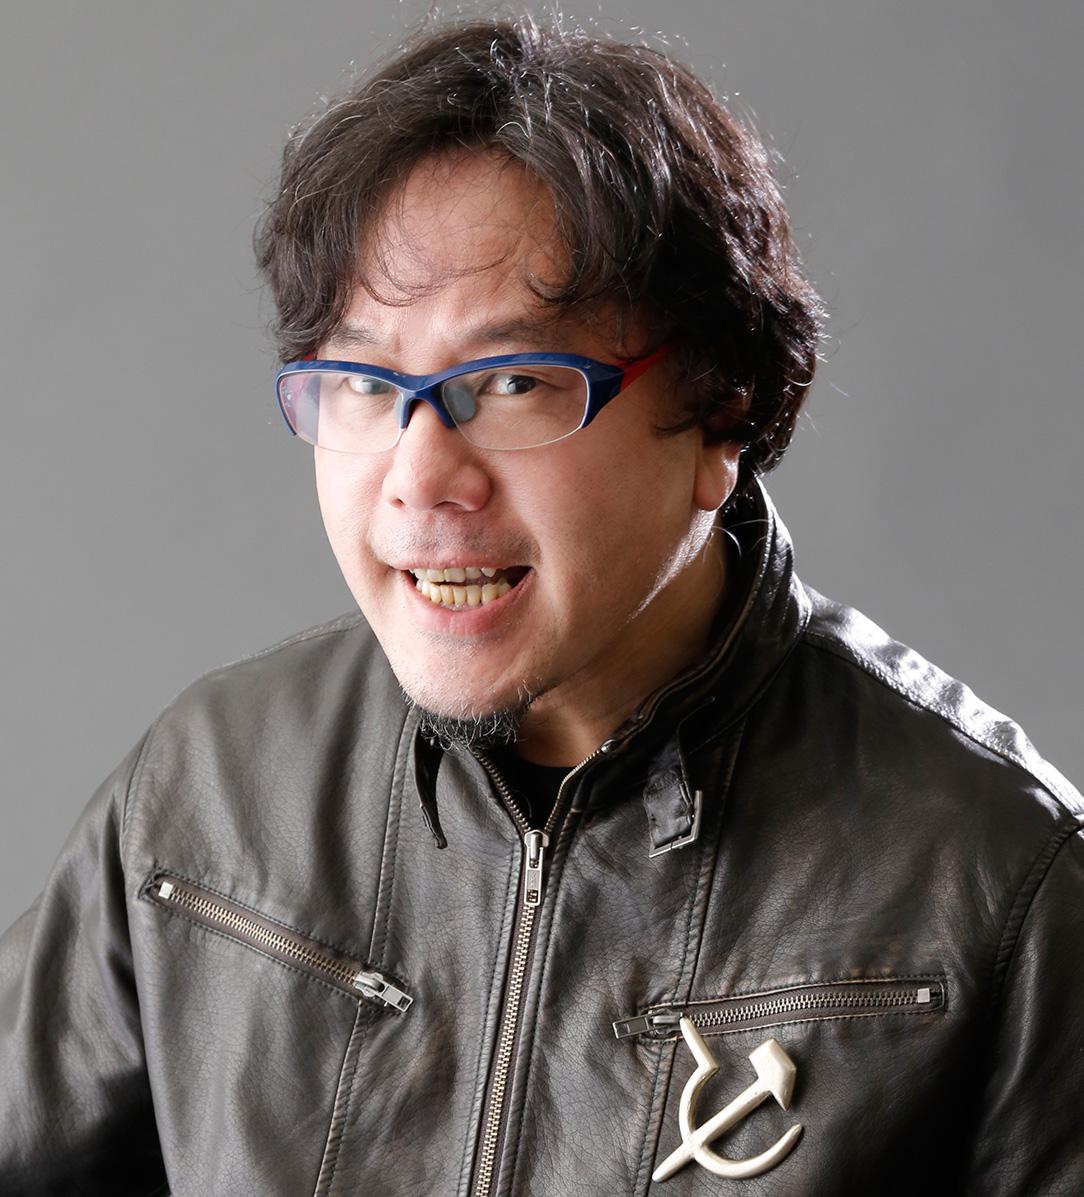 吉田電話 | メンバー | クロムモ...